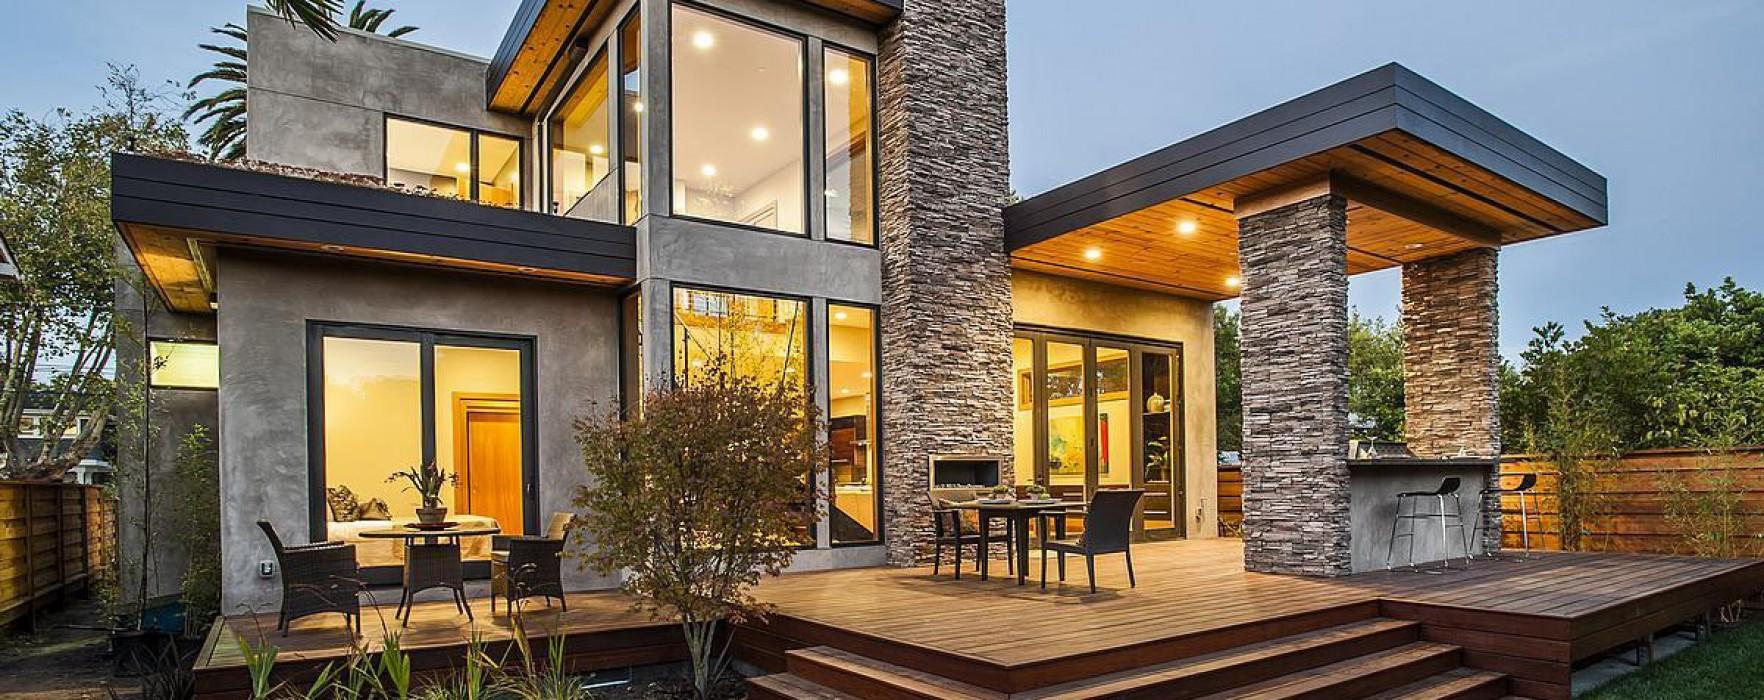 La fascia di prezzo delle case prefabbricate for Case prefabbricate muratura